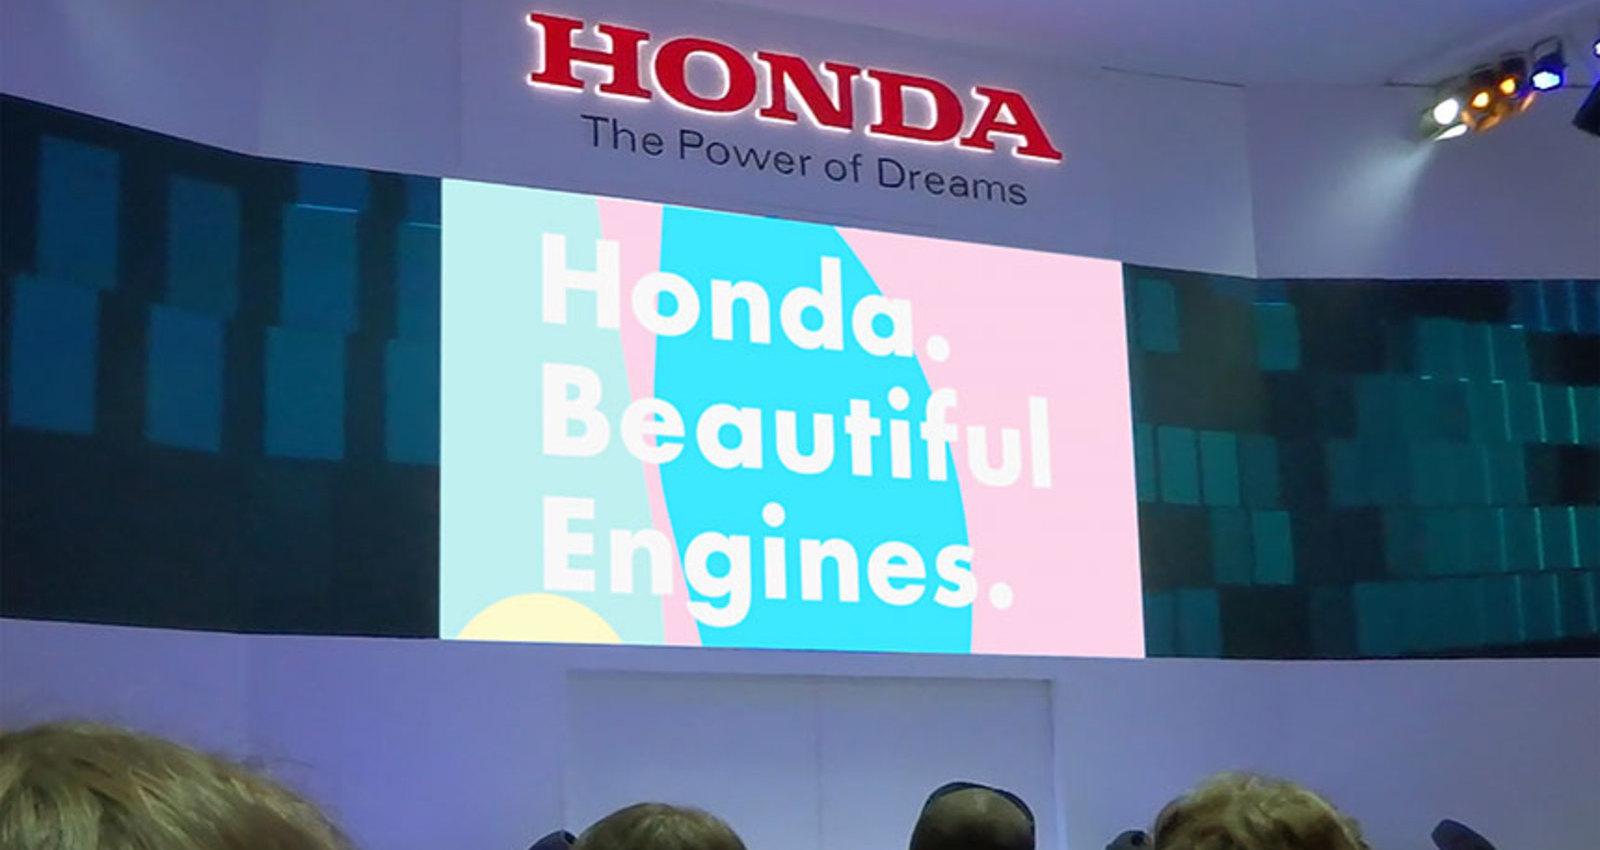 Honda. Beautiful Engines.